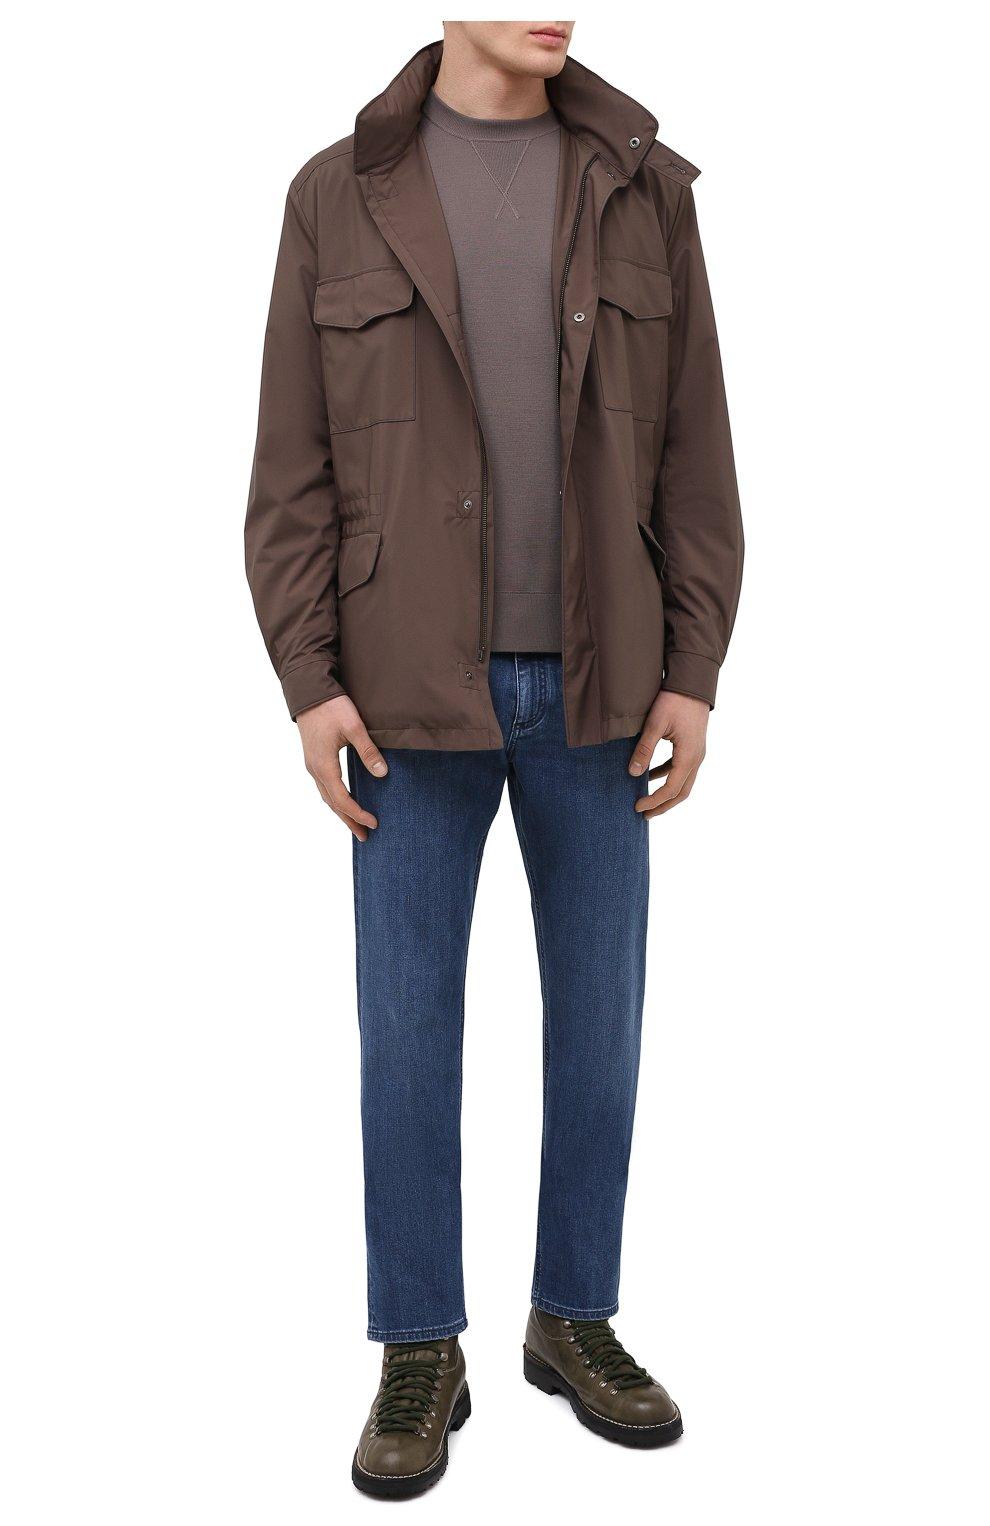 Мужские кожаные ботинки ANDREA VENTURA FIRENZE зеленого цвета, арт. LE APUANE 1/IGNIS WASH/VIBRAM ARCTIC GRIP | Фото 2 (Материал внешний: Кожа; Мужское Кросс-КТ: Хайкеры-обувь, Ботинки-обувь; Материал внутренний: Натуральная кожа; Подошва: Плоская)